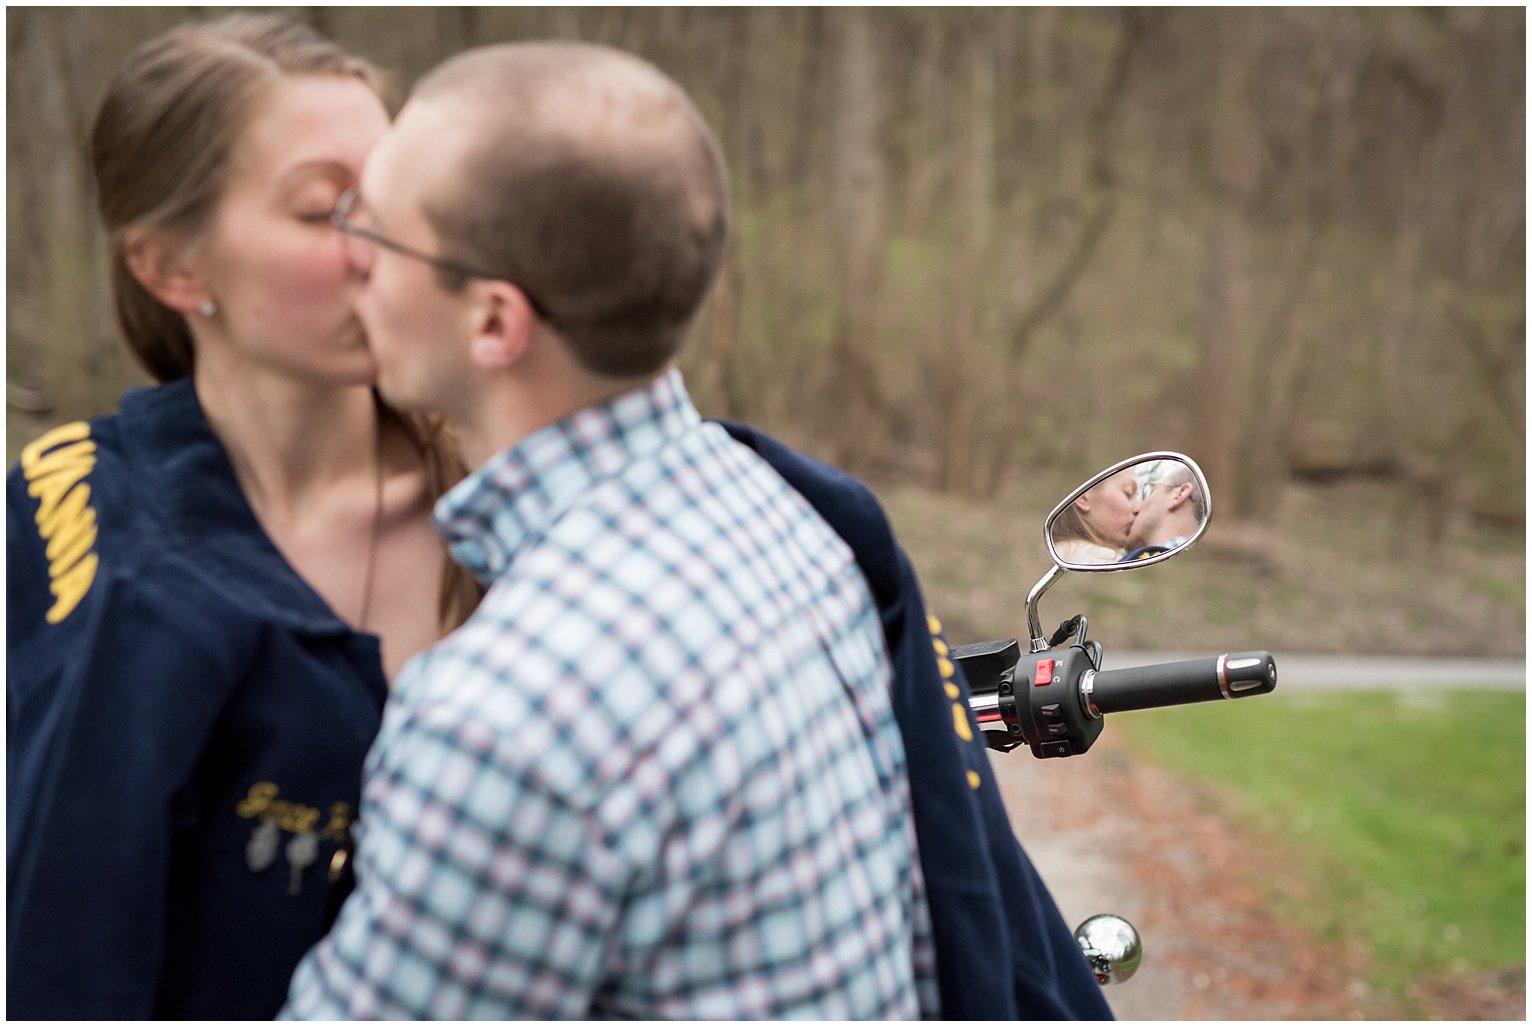 engagement-photo-holtwood-motorcycle-lancaster-photo